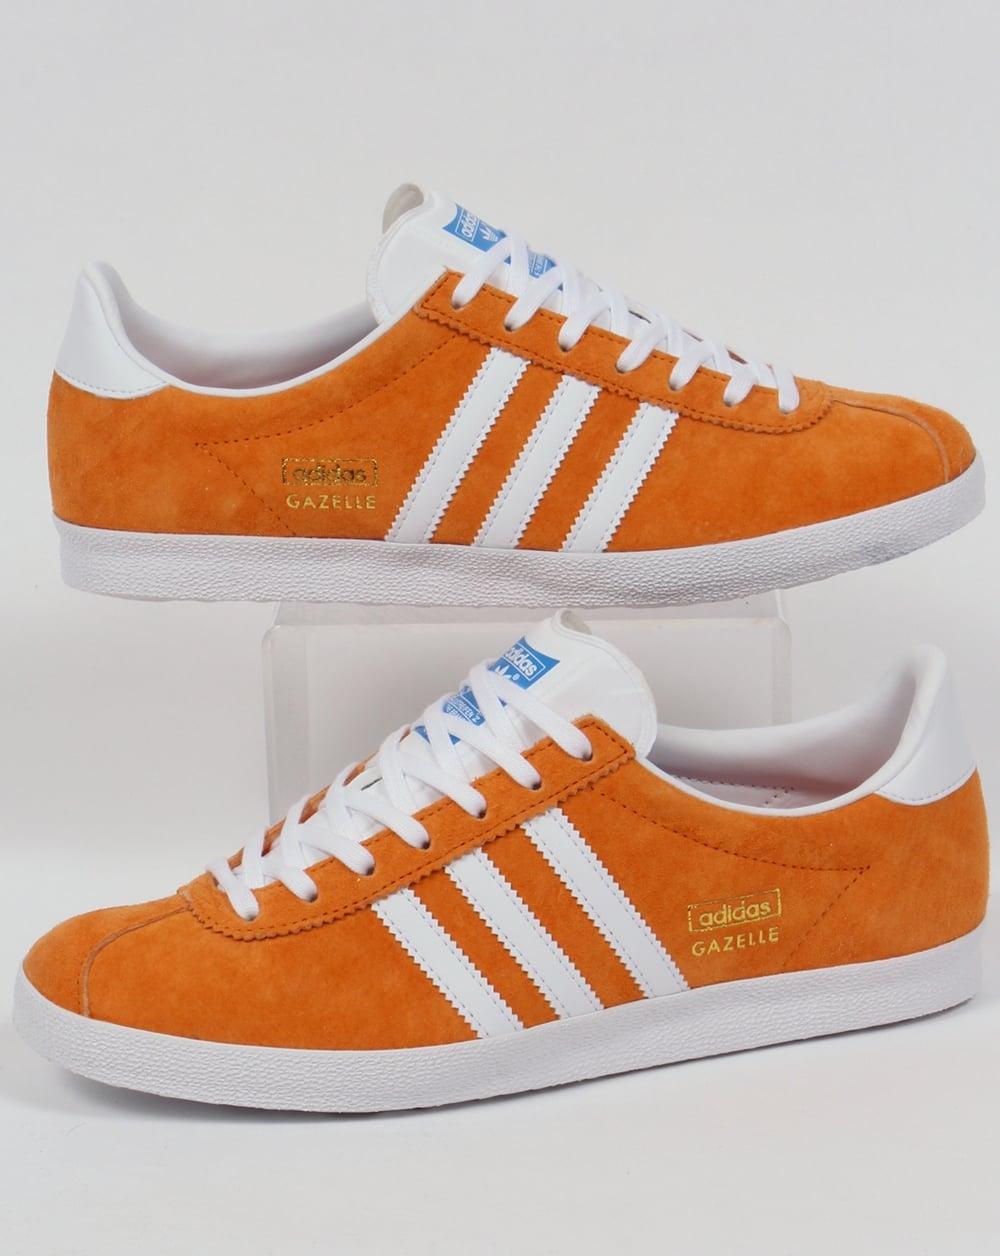 adidas gazelle og trainers bright orange white originals shoes. Black Bedroom Furniture Sets. Home Design Ideas